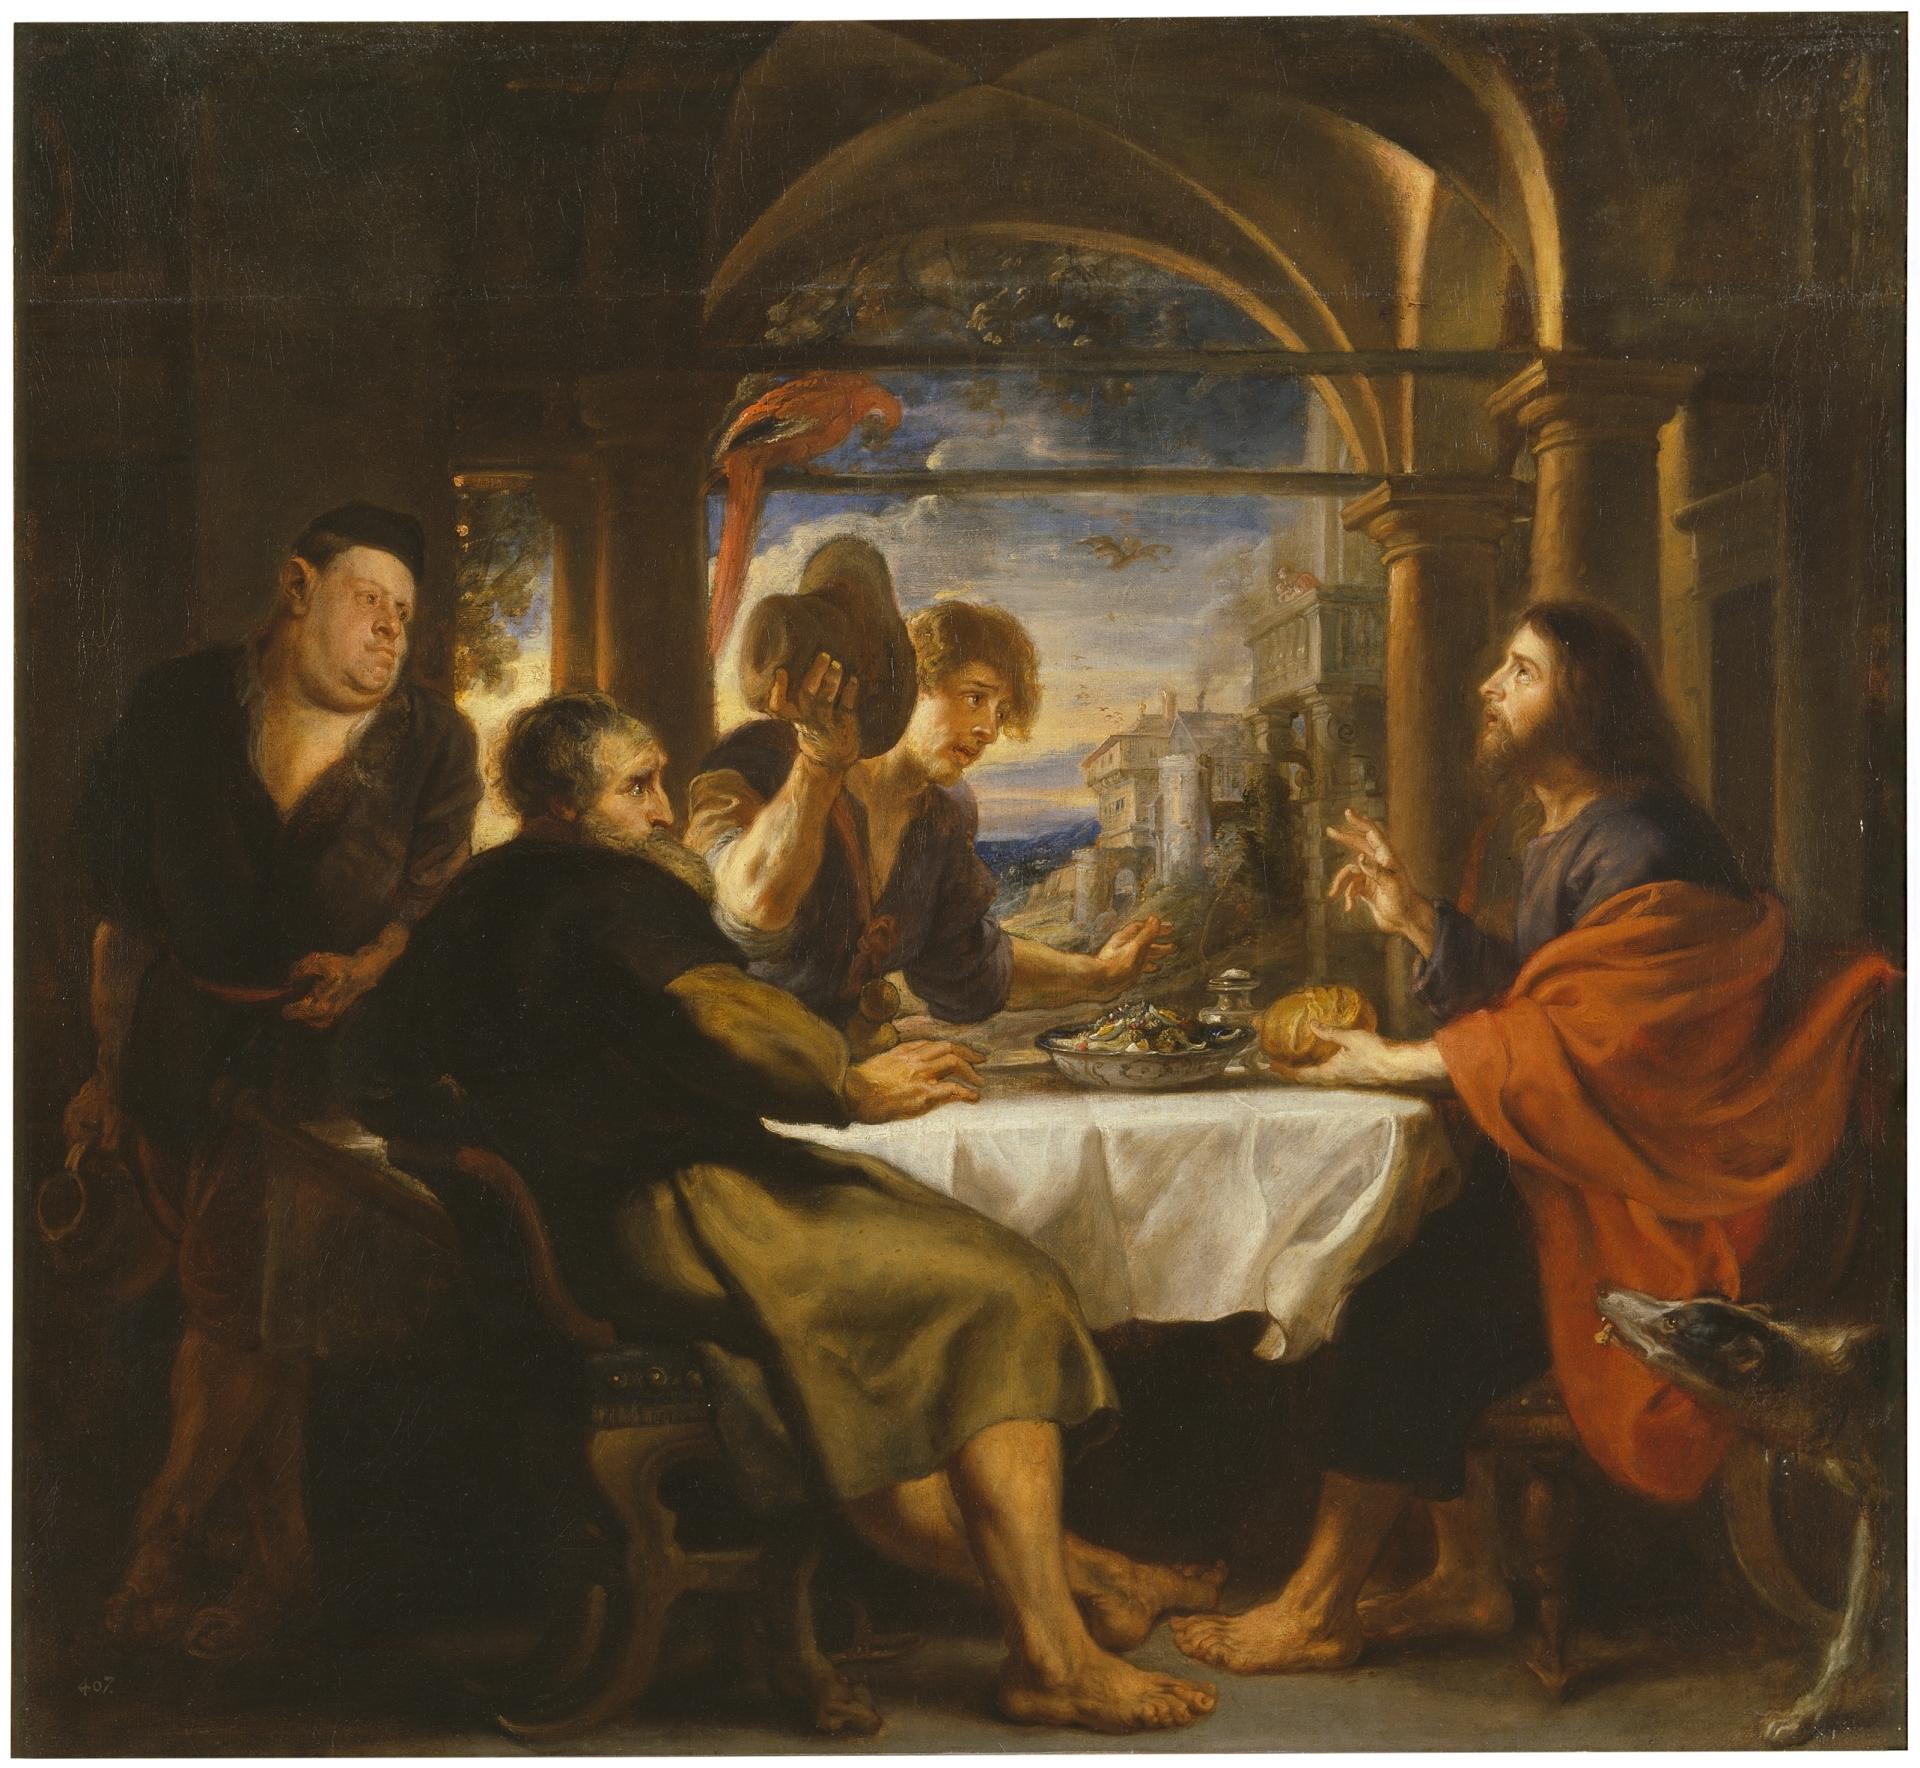 La cena de Emaús - Colección - Museo Nacional del Prado